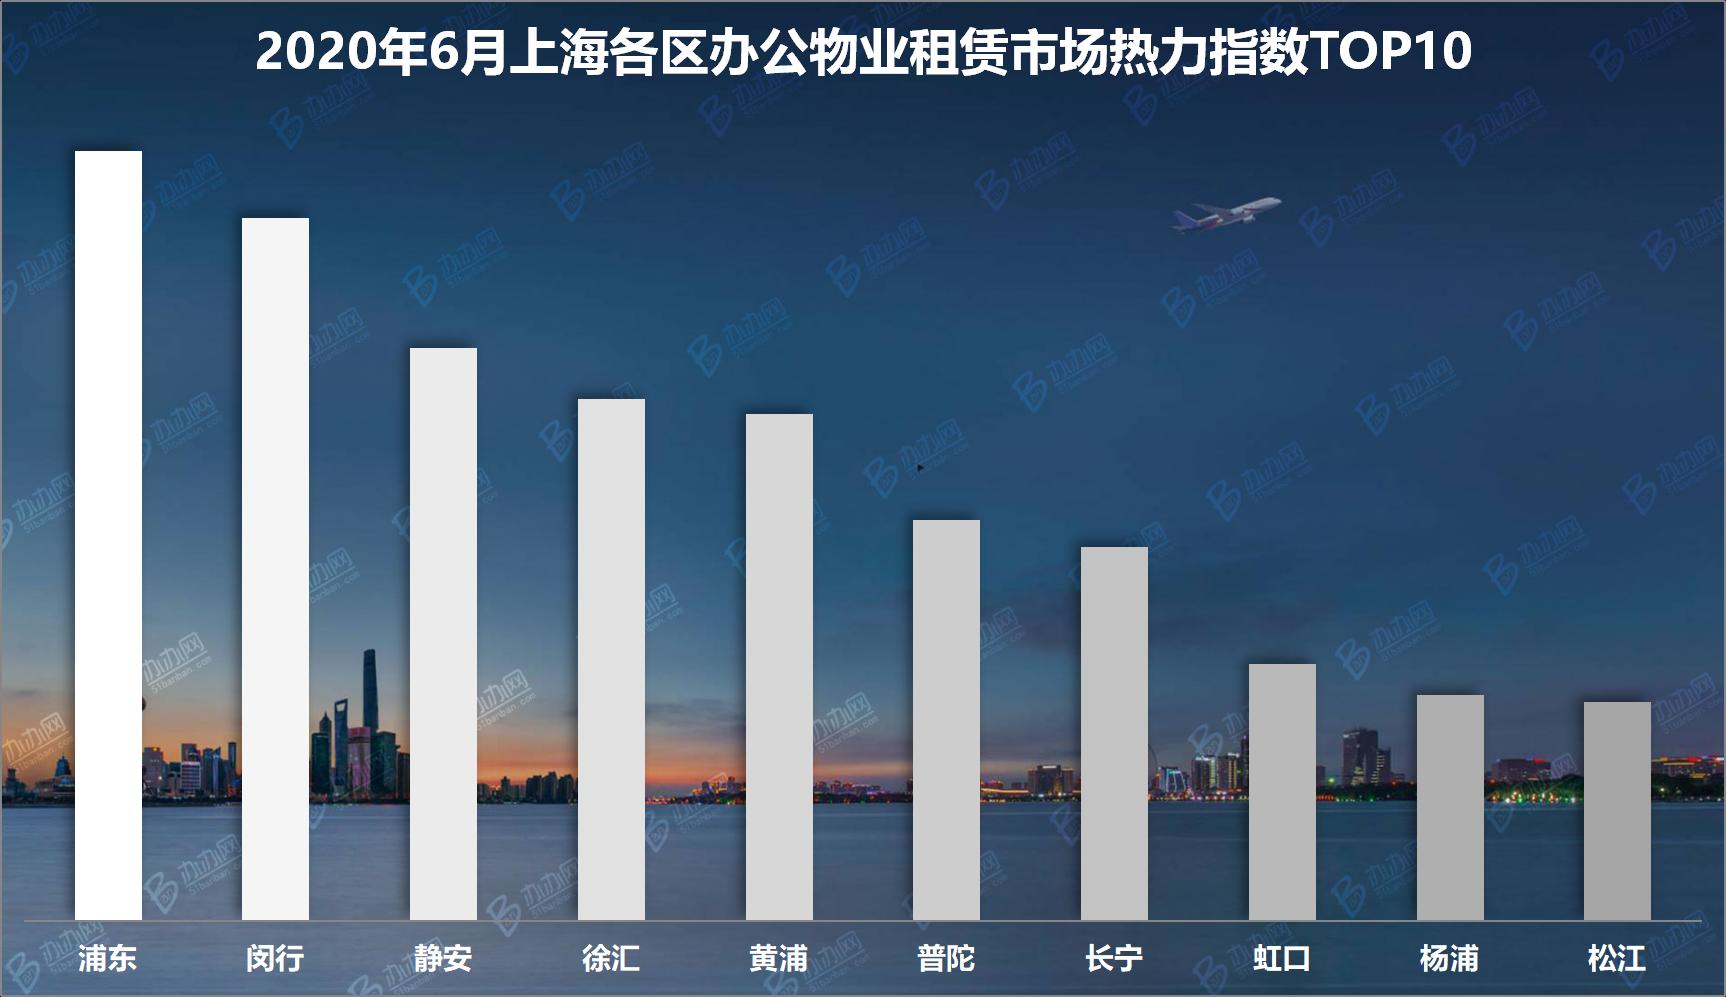 6月份上海各区办公物业租赁市场热力指数TOP10